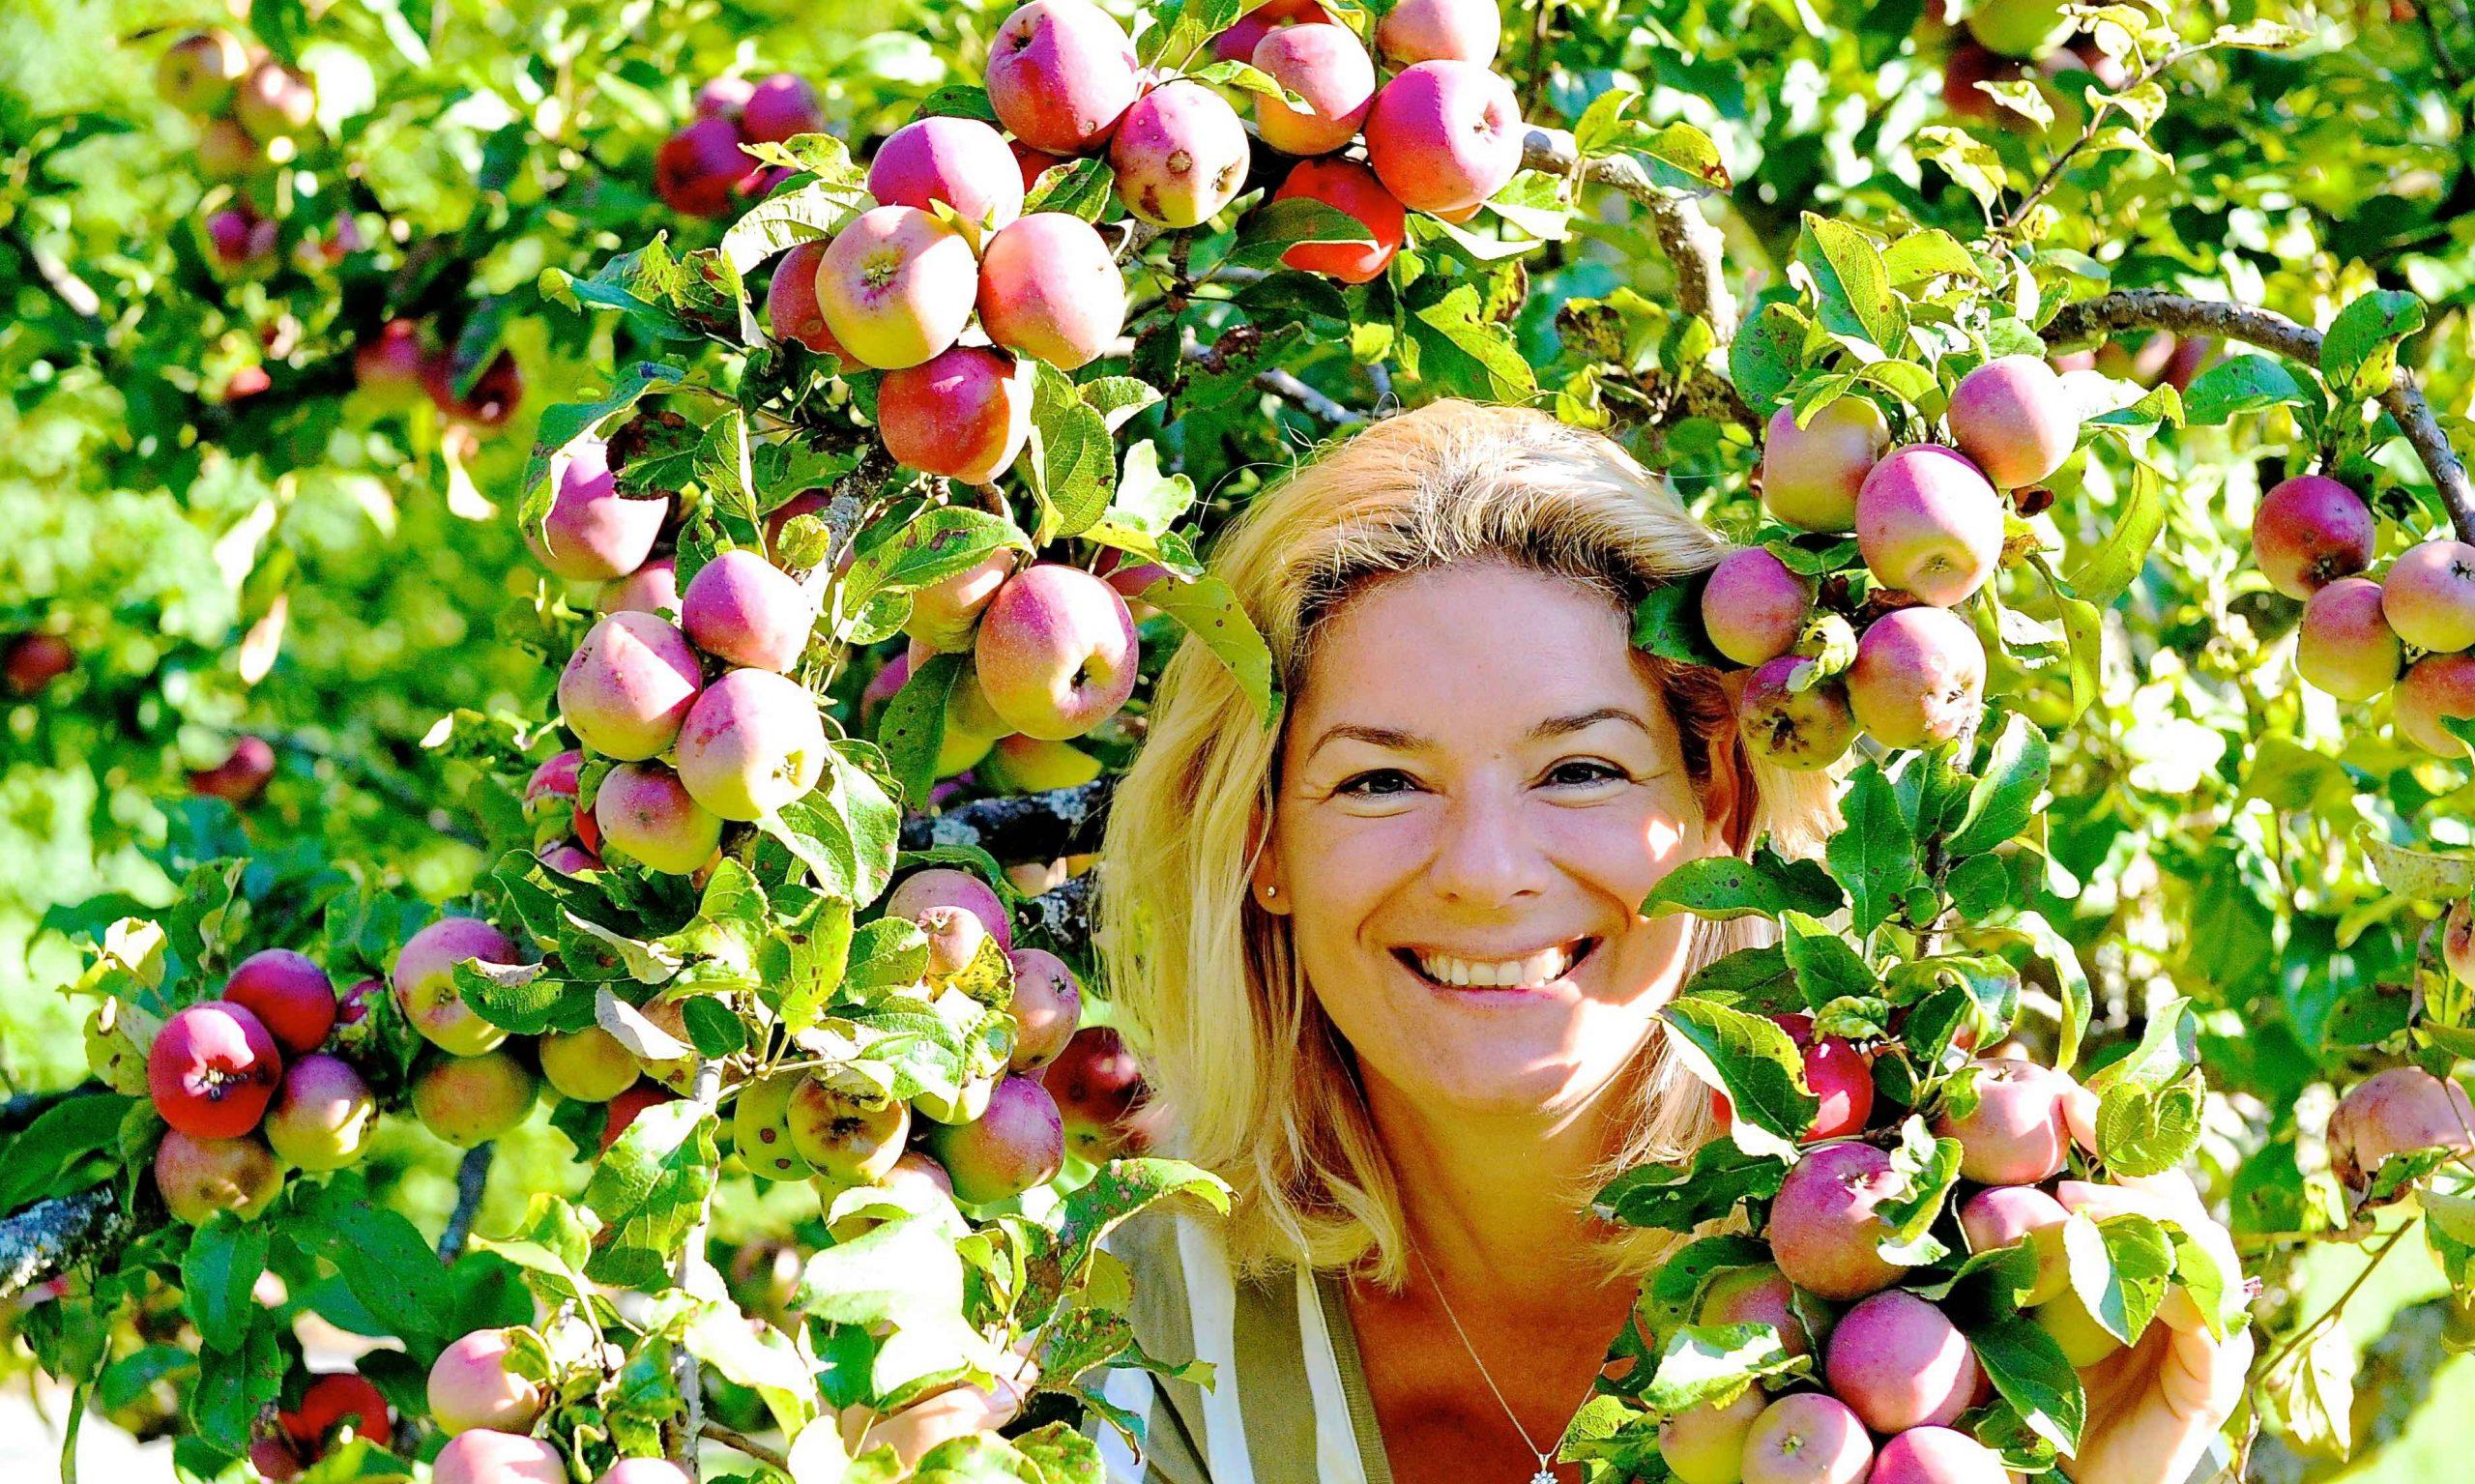 Frau schaut durch Zweige eines Apfelbaumes